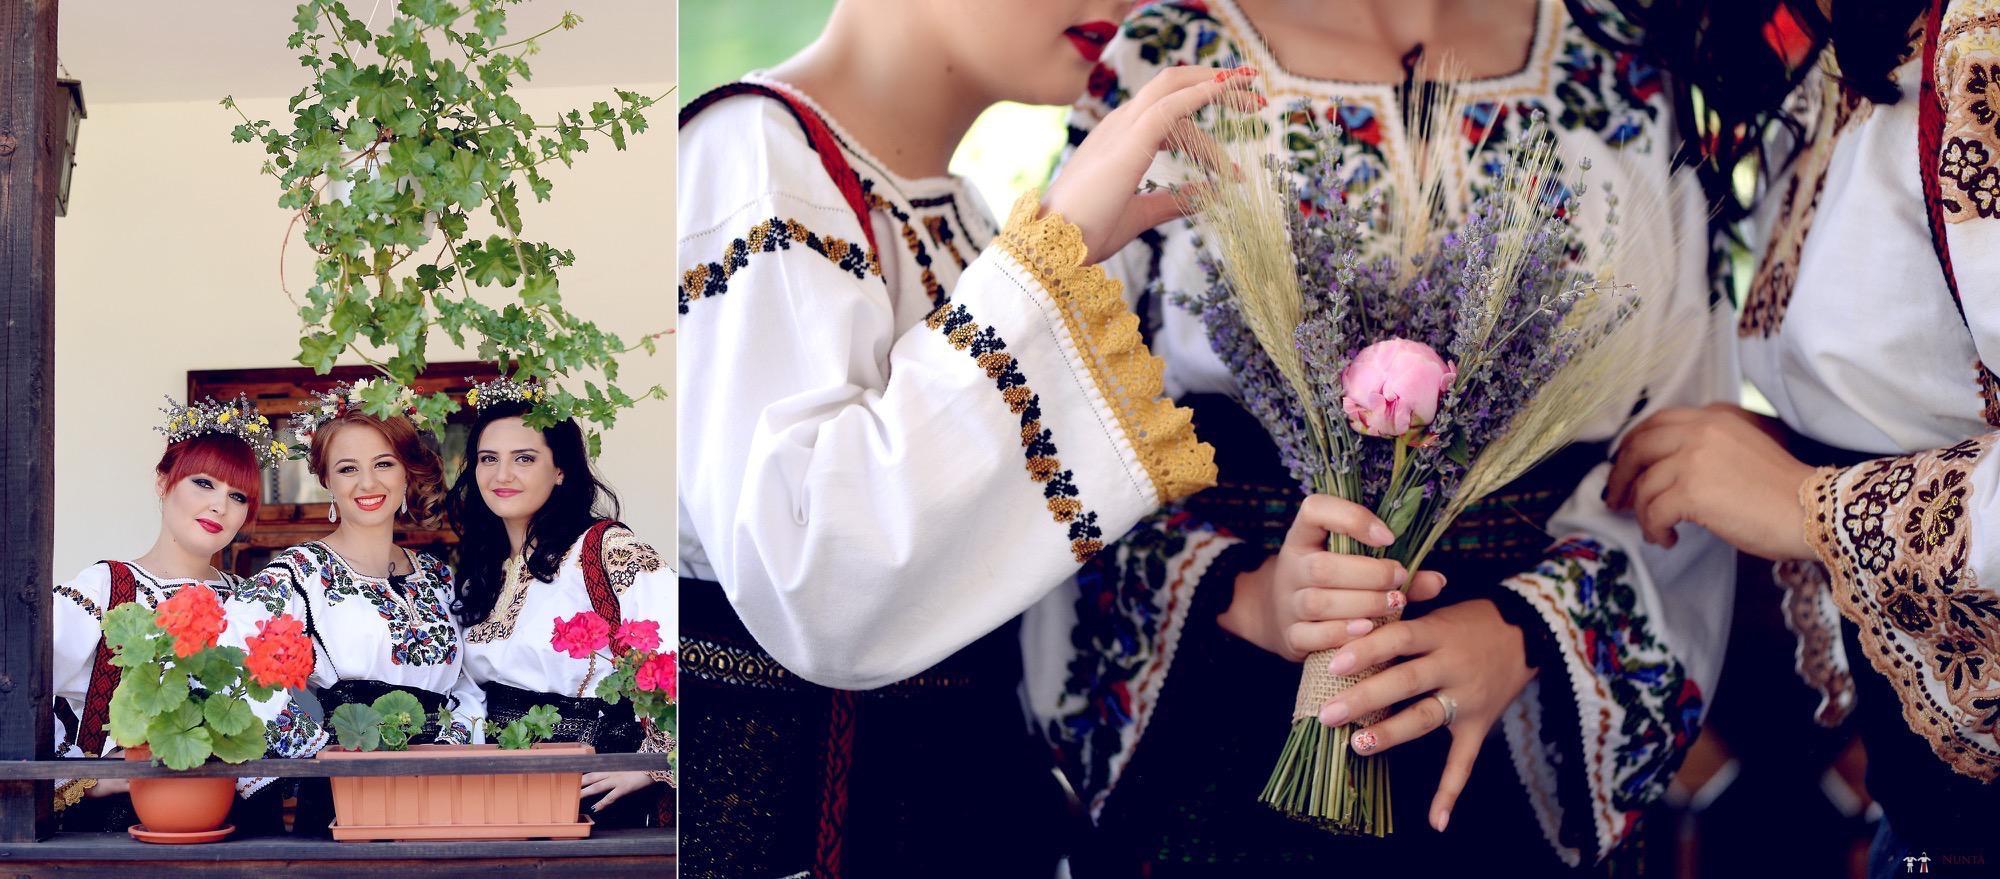 Povești Nunți Tradiționale - Iulia și Andrei. Nuntă tradițională în Bucovina. 9